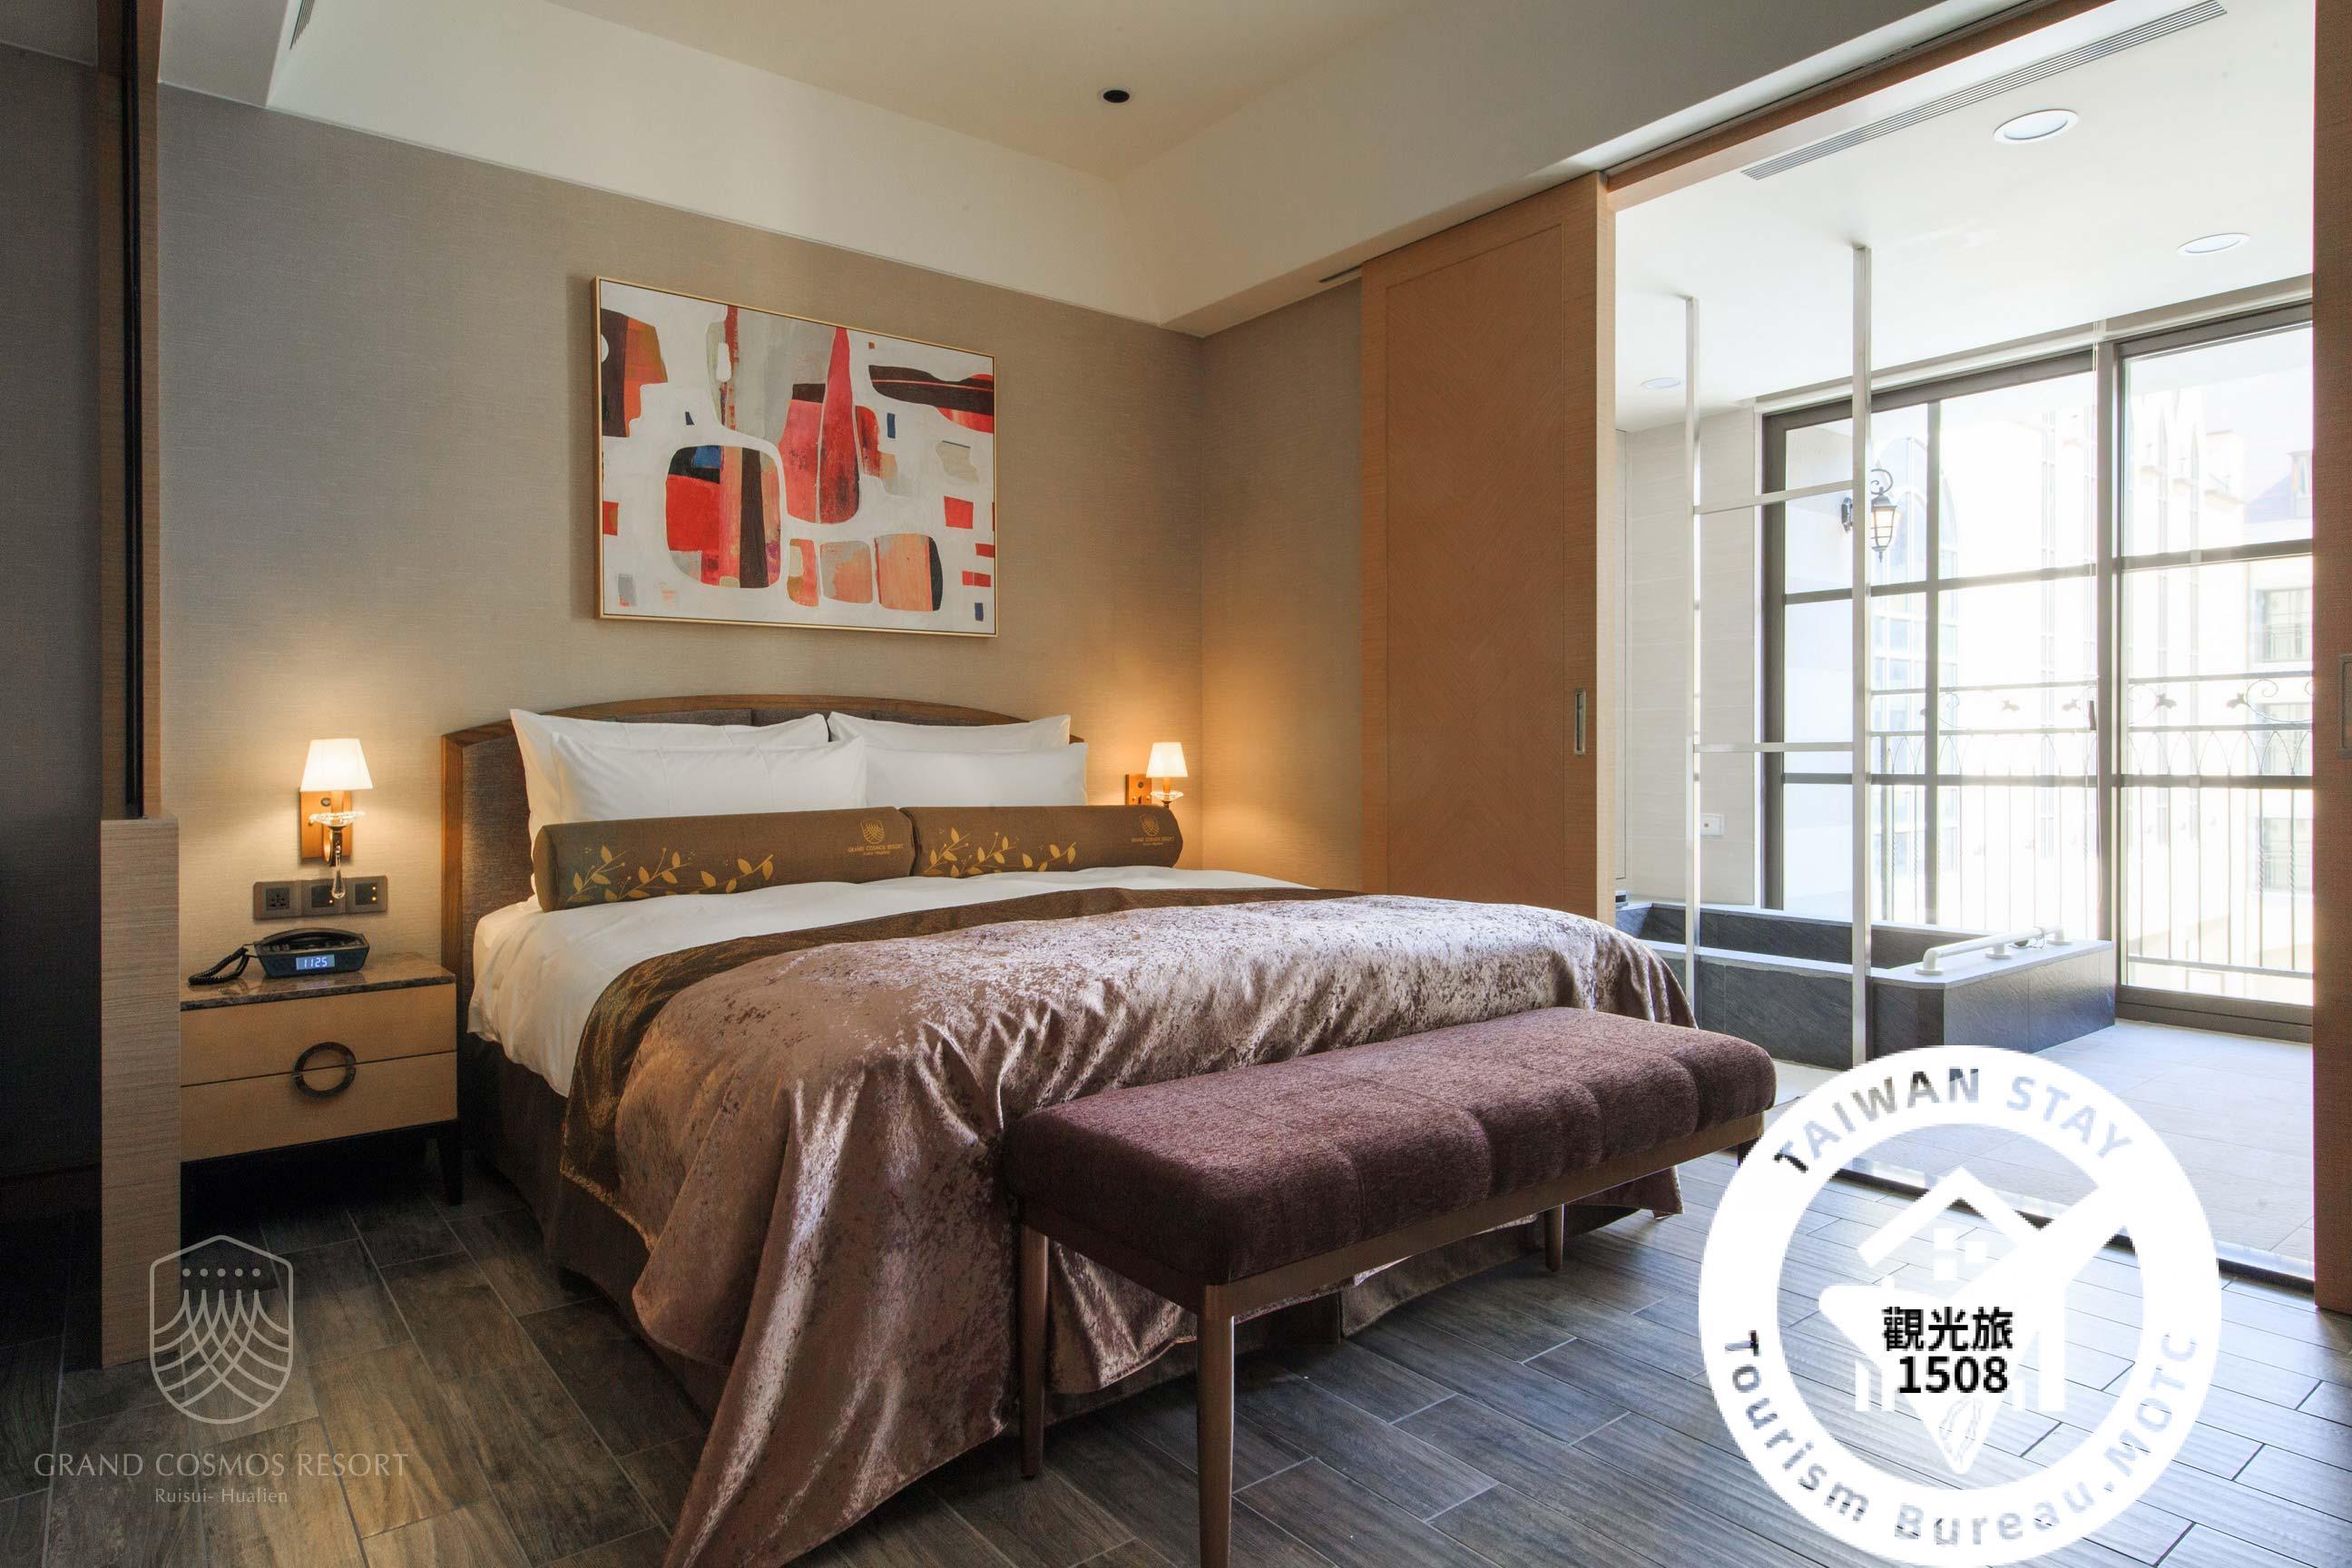 城堡精緻客房-一大床照片_1